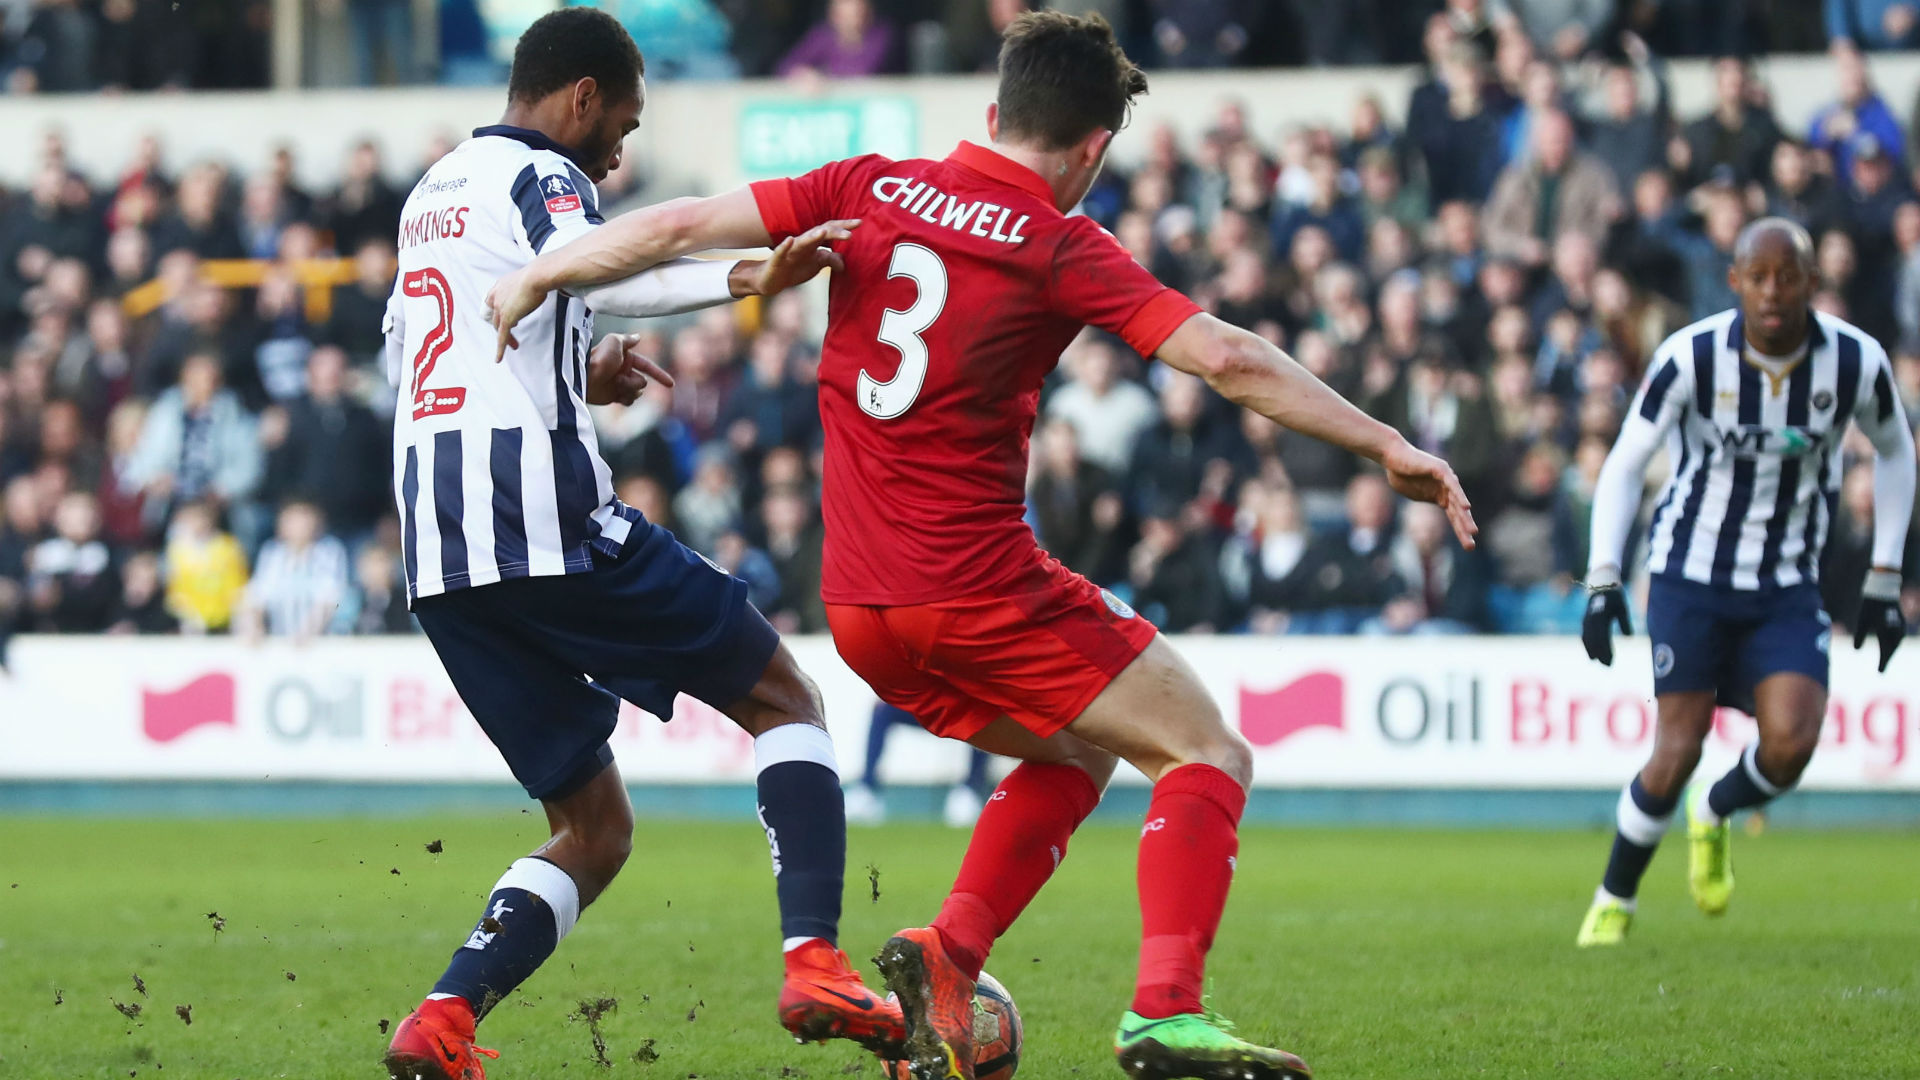 SHAUN CUMMINGS | Millwall | Màn trình diễn ấn tượng của hậu vệ 27 tuổi là một trong những lý do giúp Millwall tạo ra cú sốc trước nhà đương kim vô địch Premier League vào tối thứ Bảy.